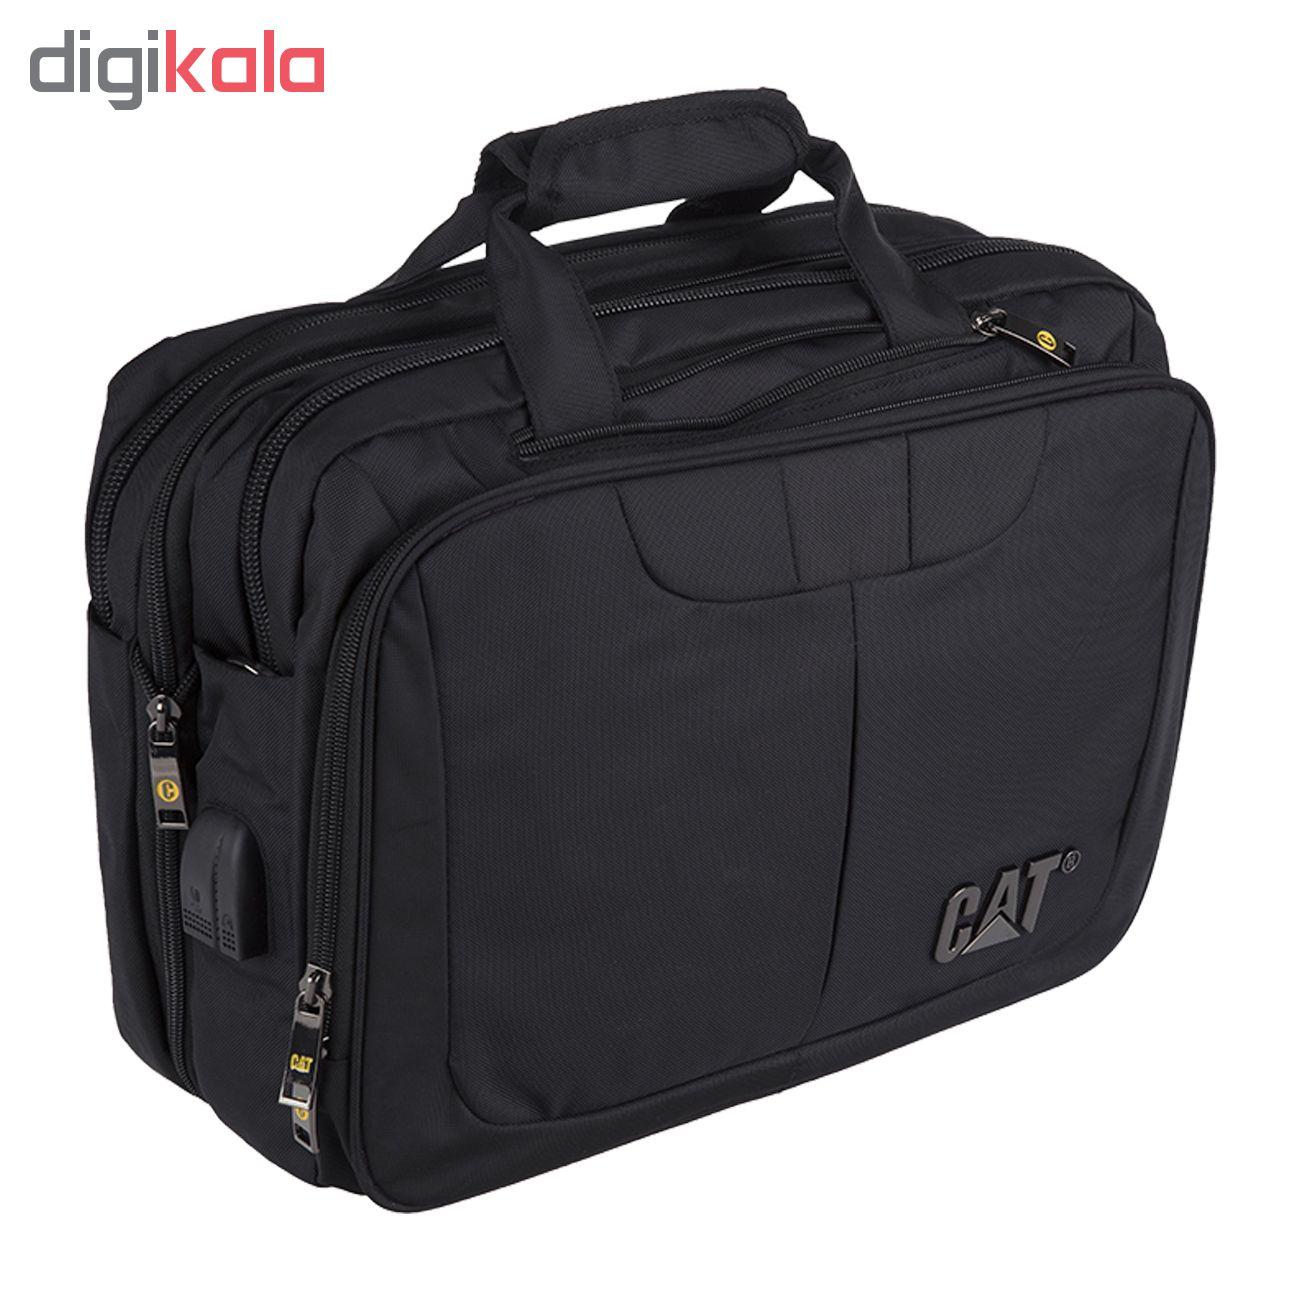 کیف لپ تاپ مدل NR-770 مناسب براى لپ تاپ 15.6 اینچى به همراه کیف رودوشى